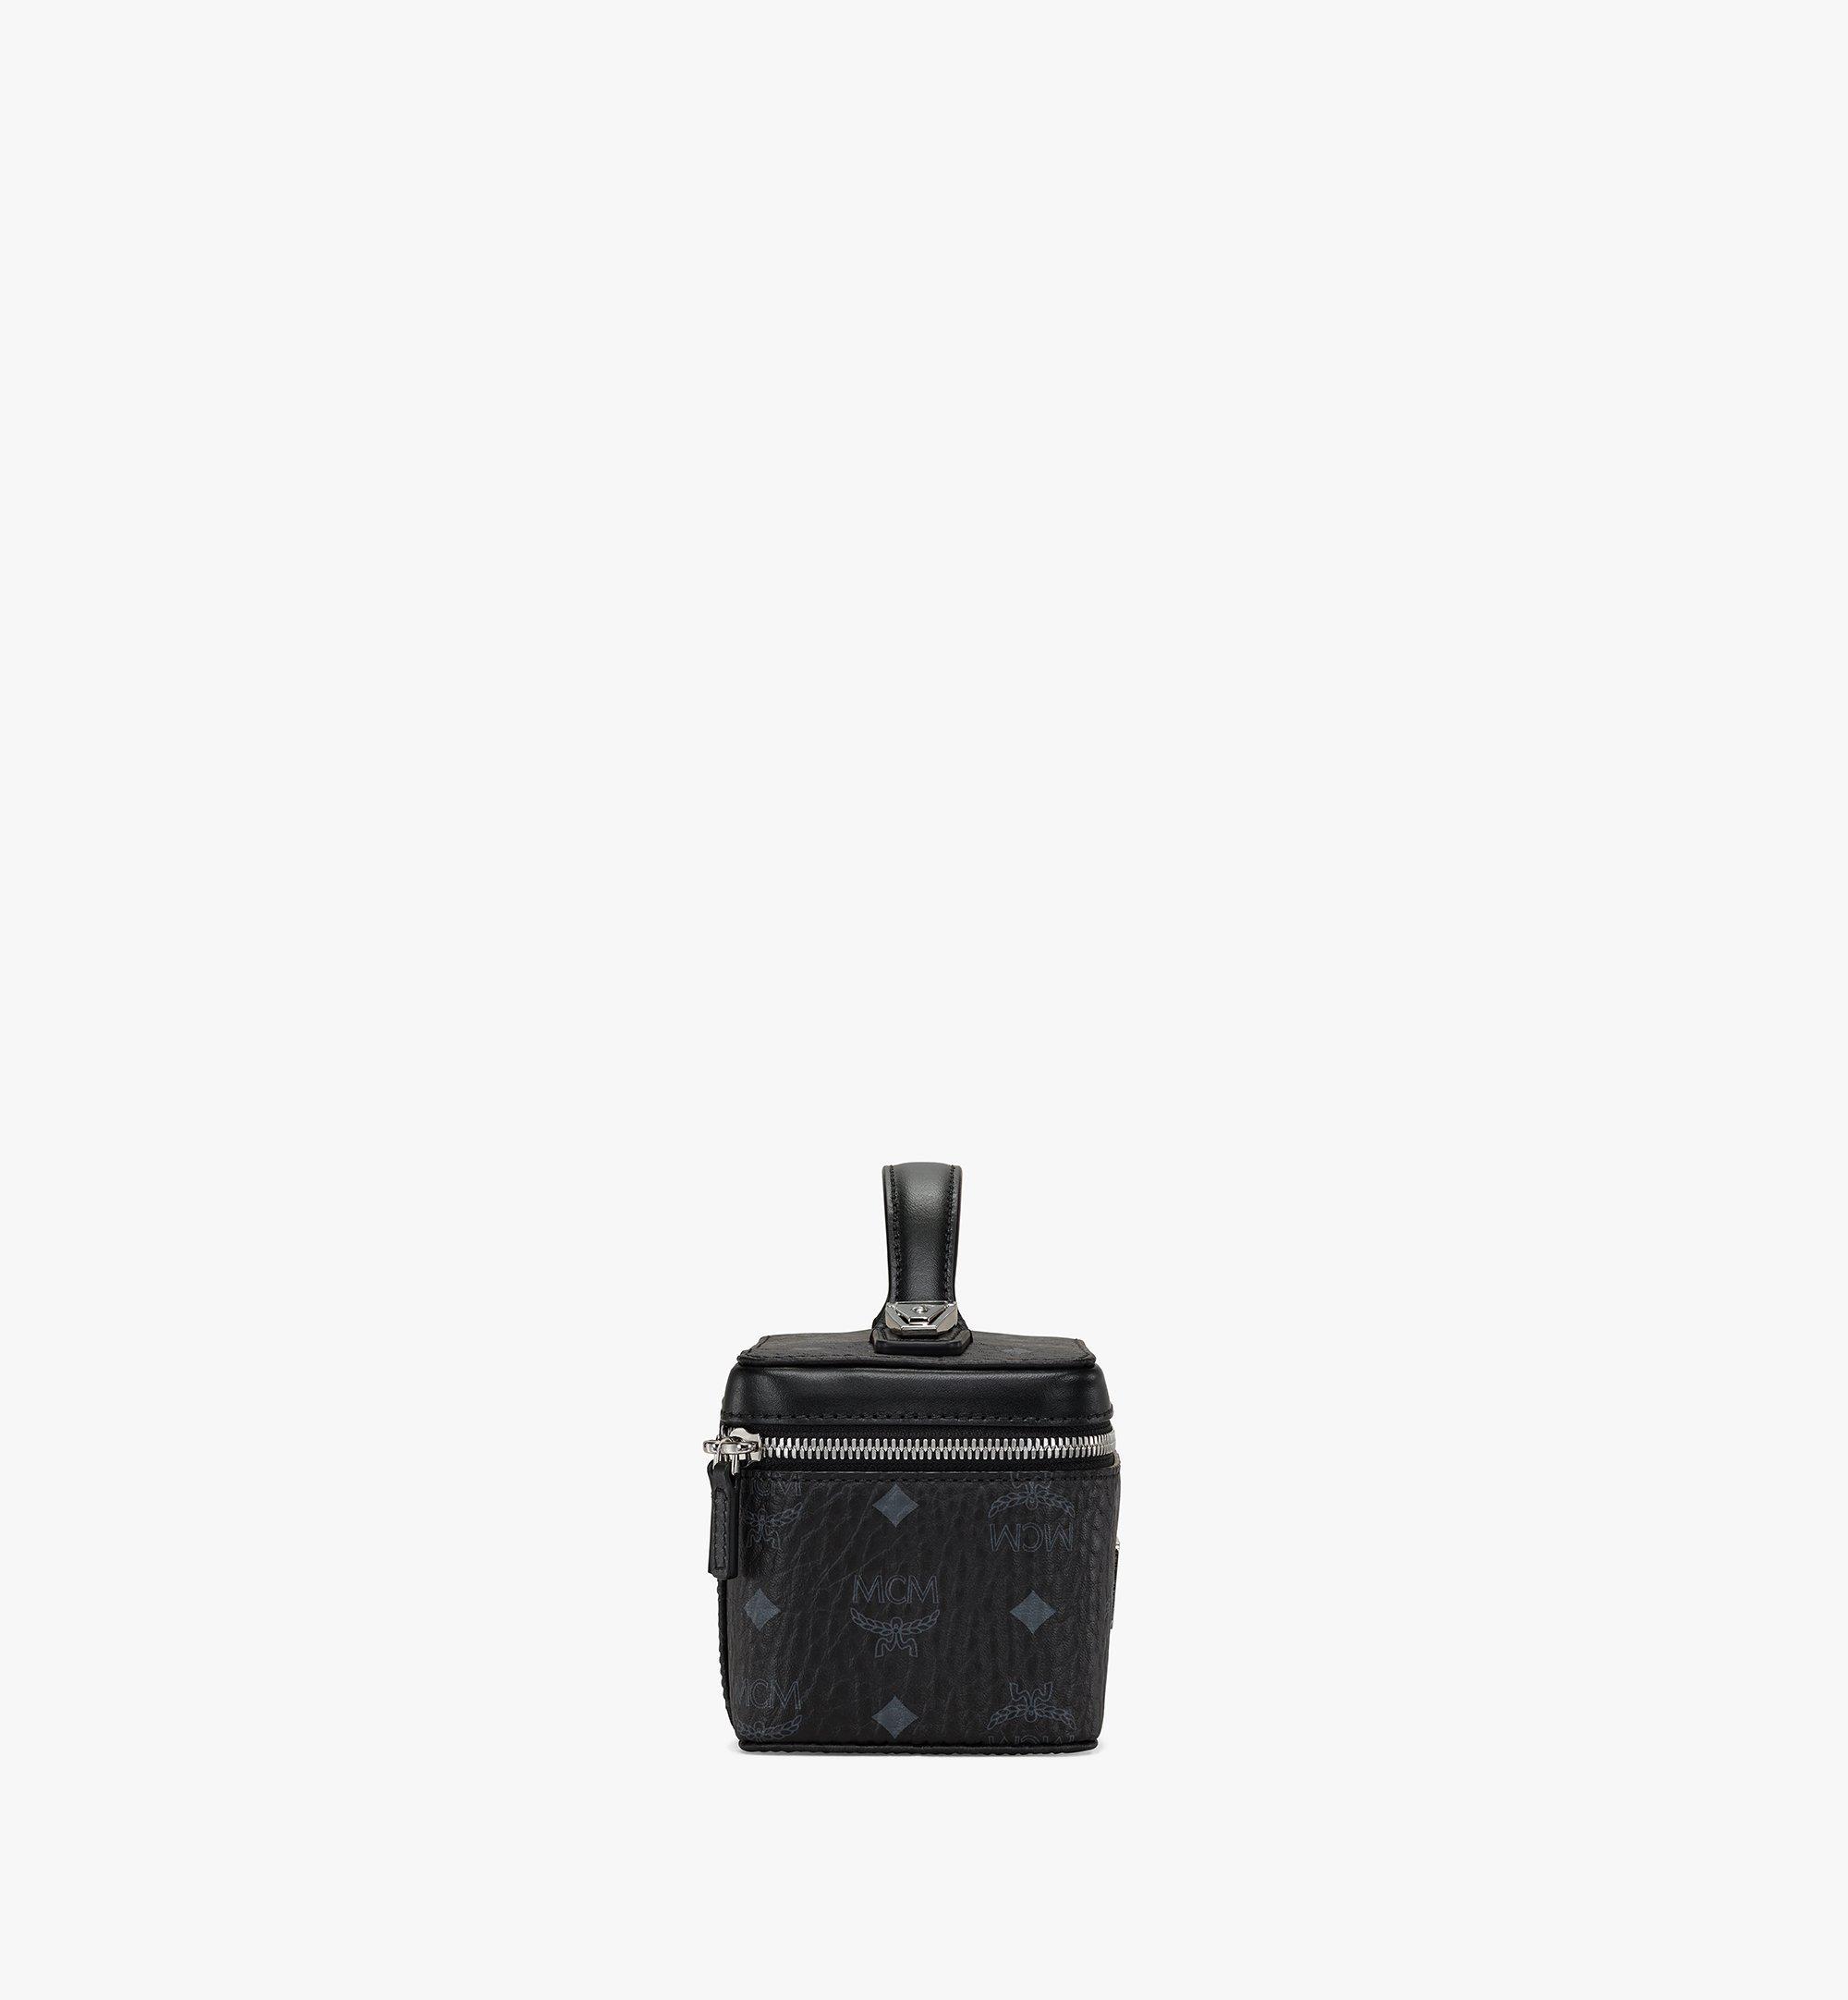 One Size Kosmetikkoffer Rockstar in Visetos Original Black